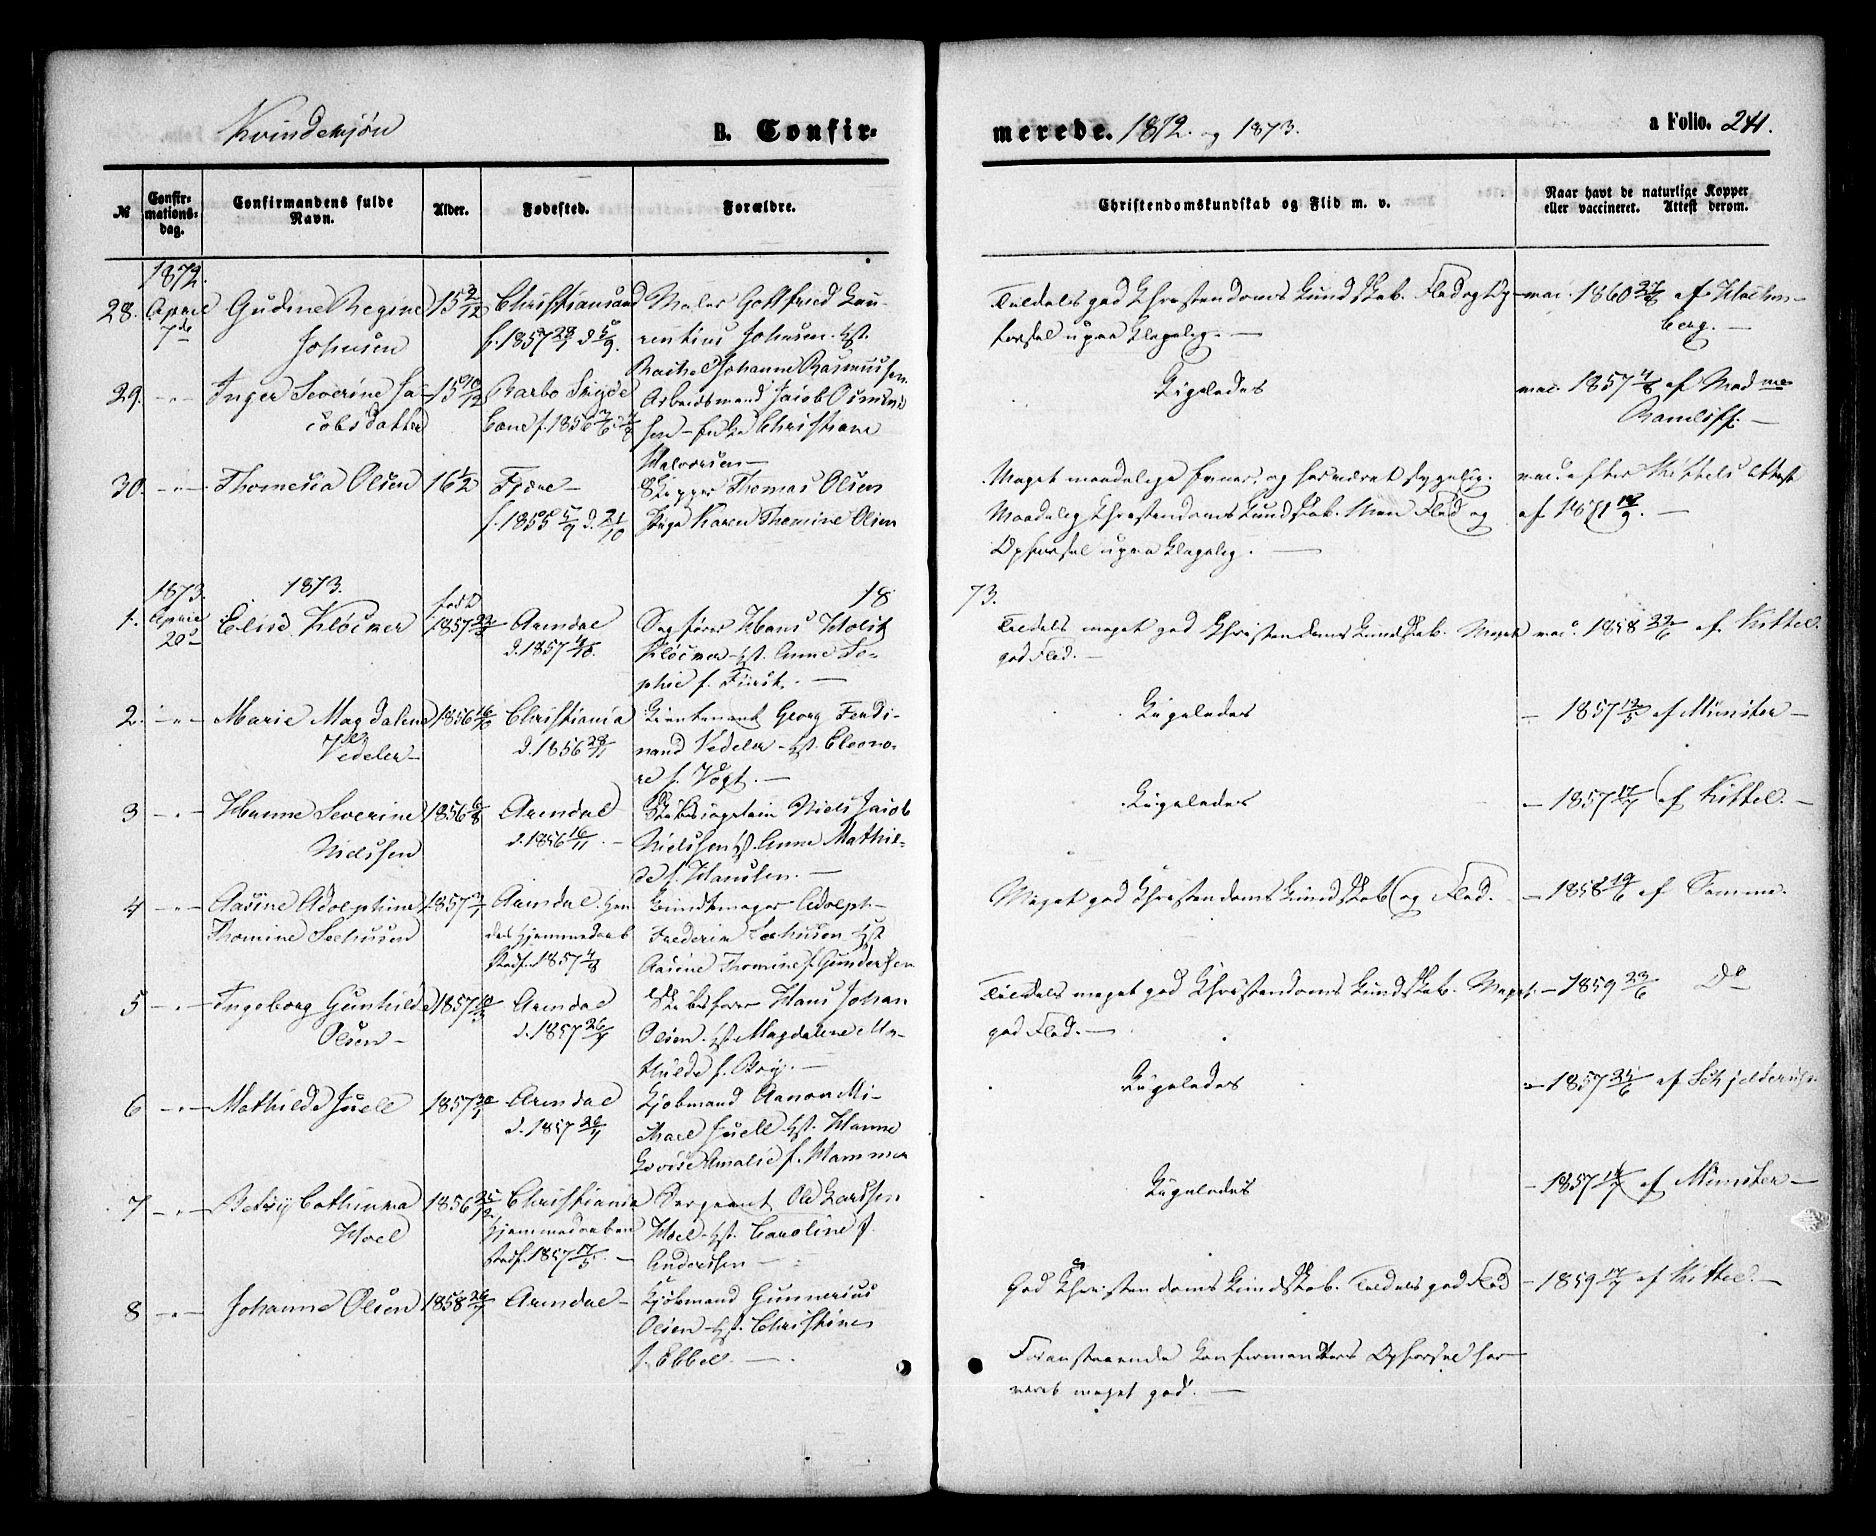 SAK, Arendal sokneprestkontor, Trefoldighet, F/Fa/L0007: Ministerialbok nr. A 7, 1868-1878, s. 241